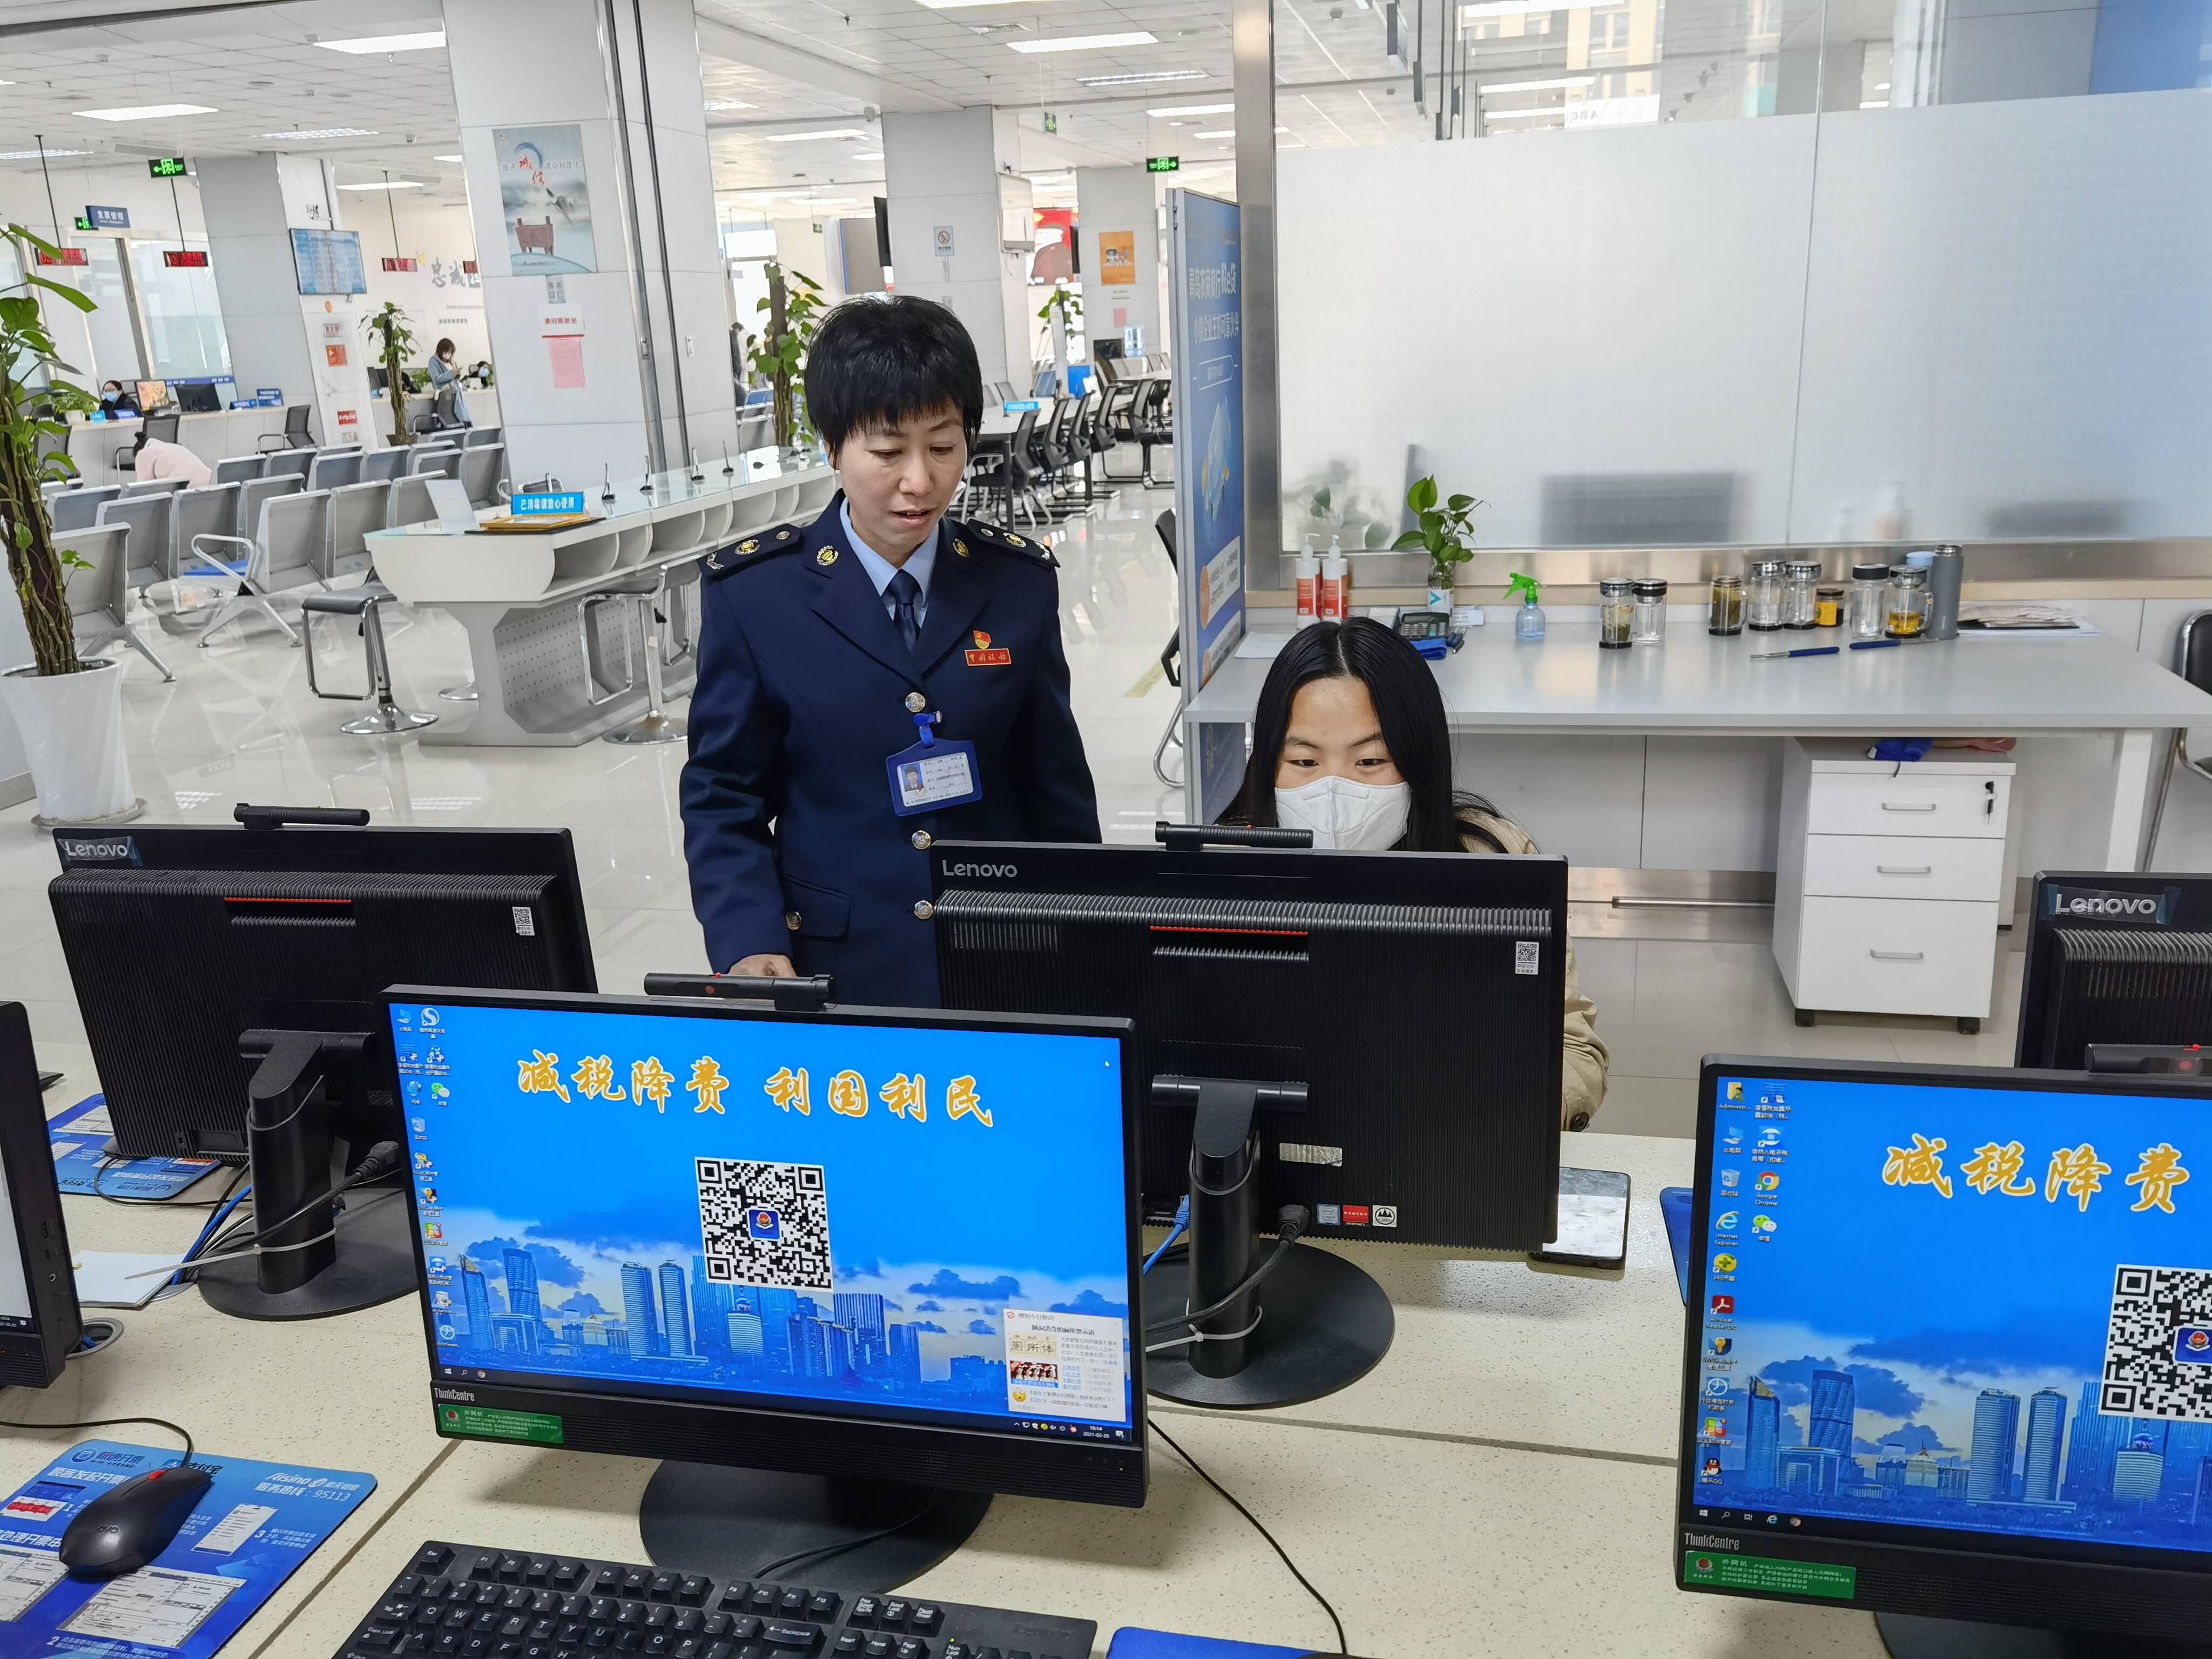 李静(左)正在指导纳税人办理税务业务。